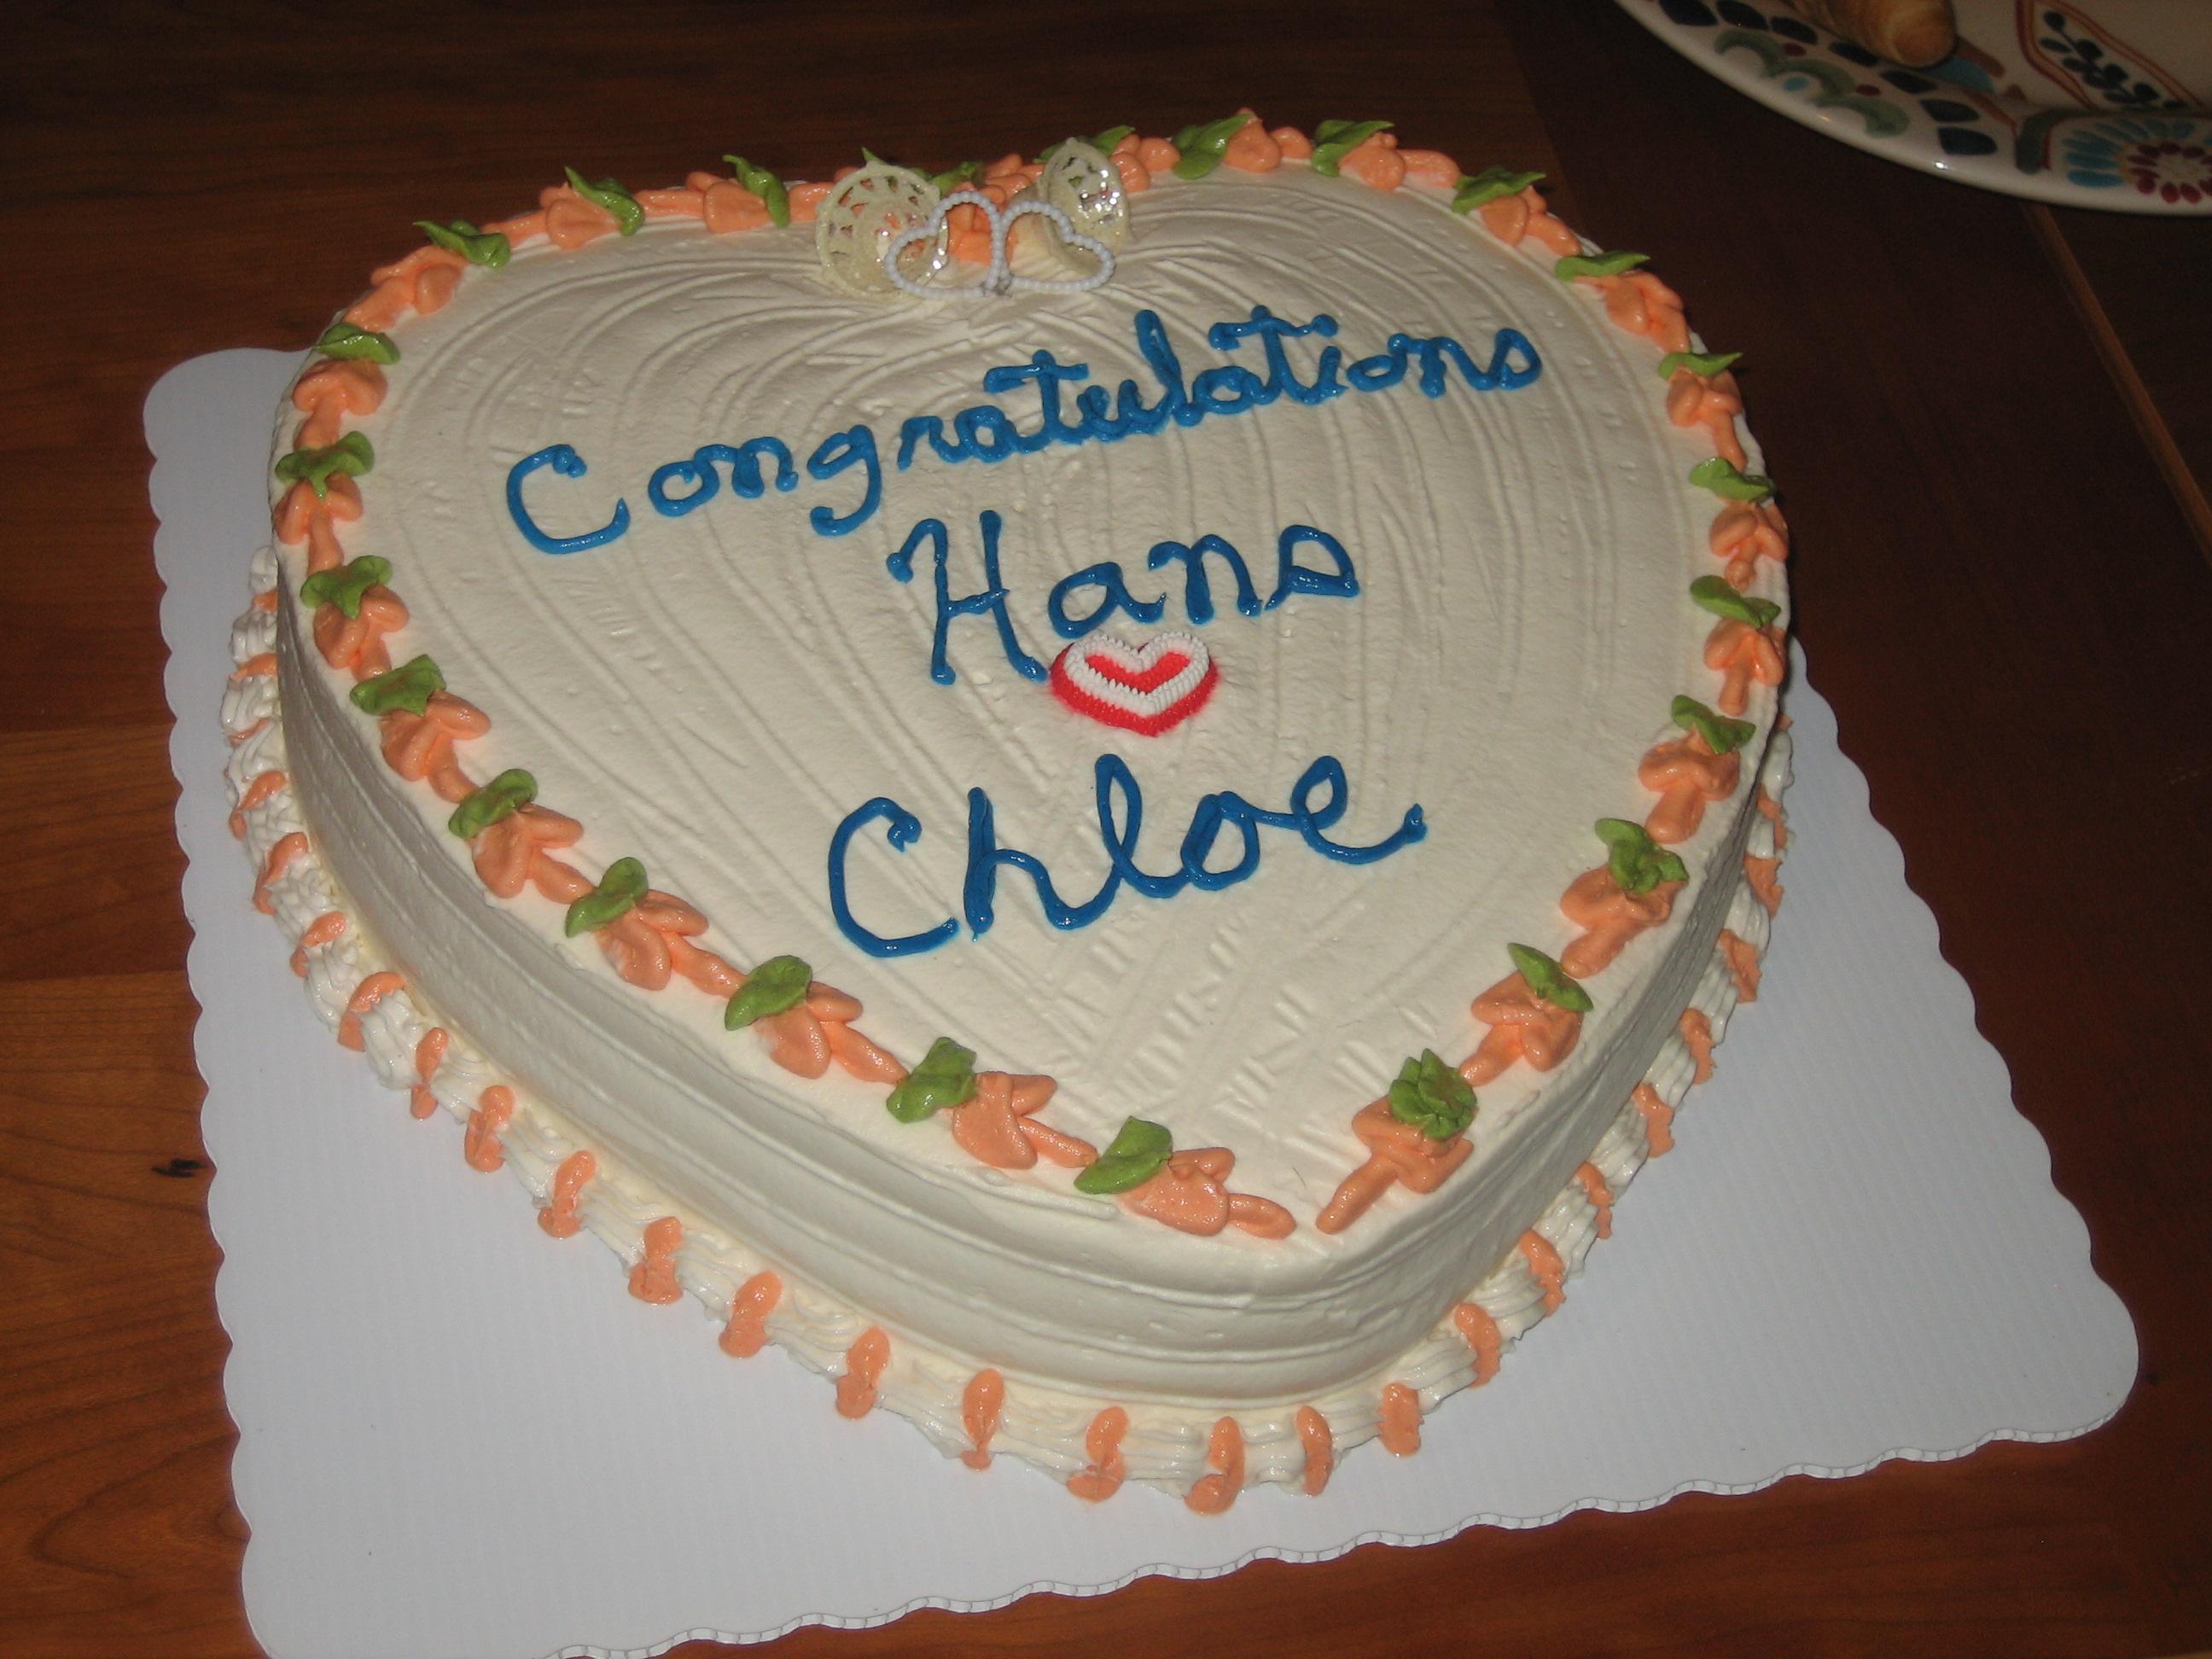 Theresa's cake